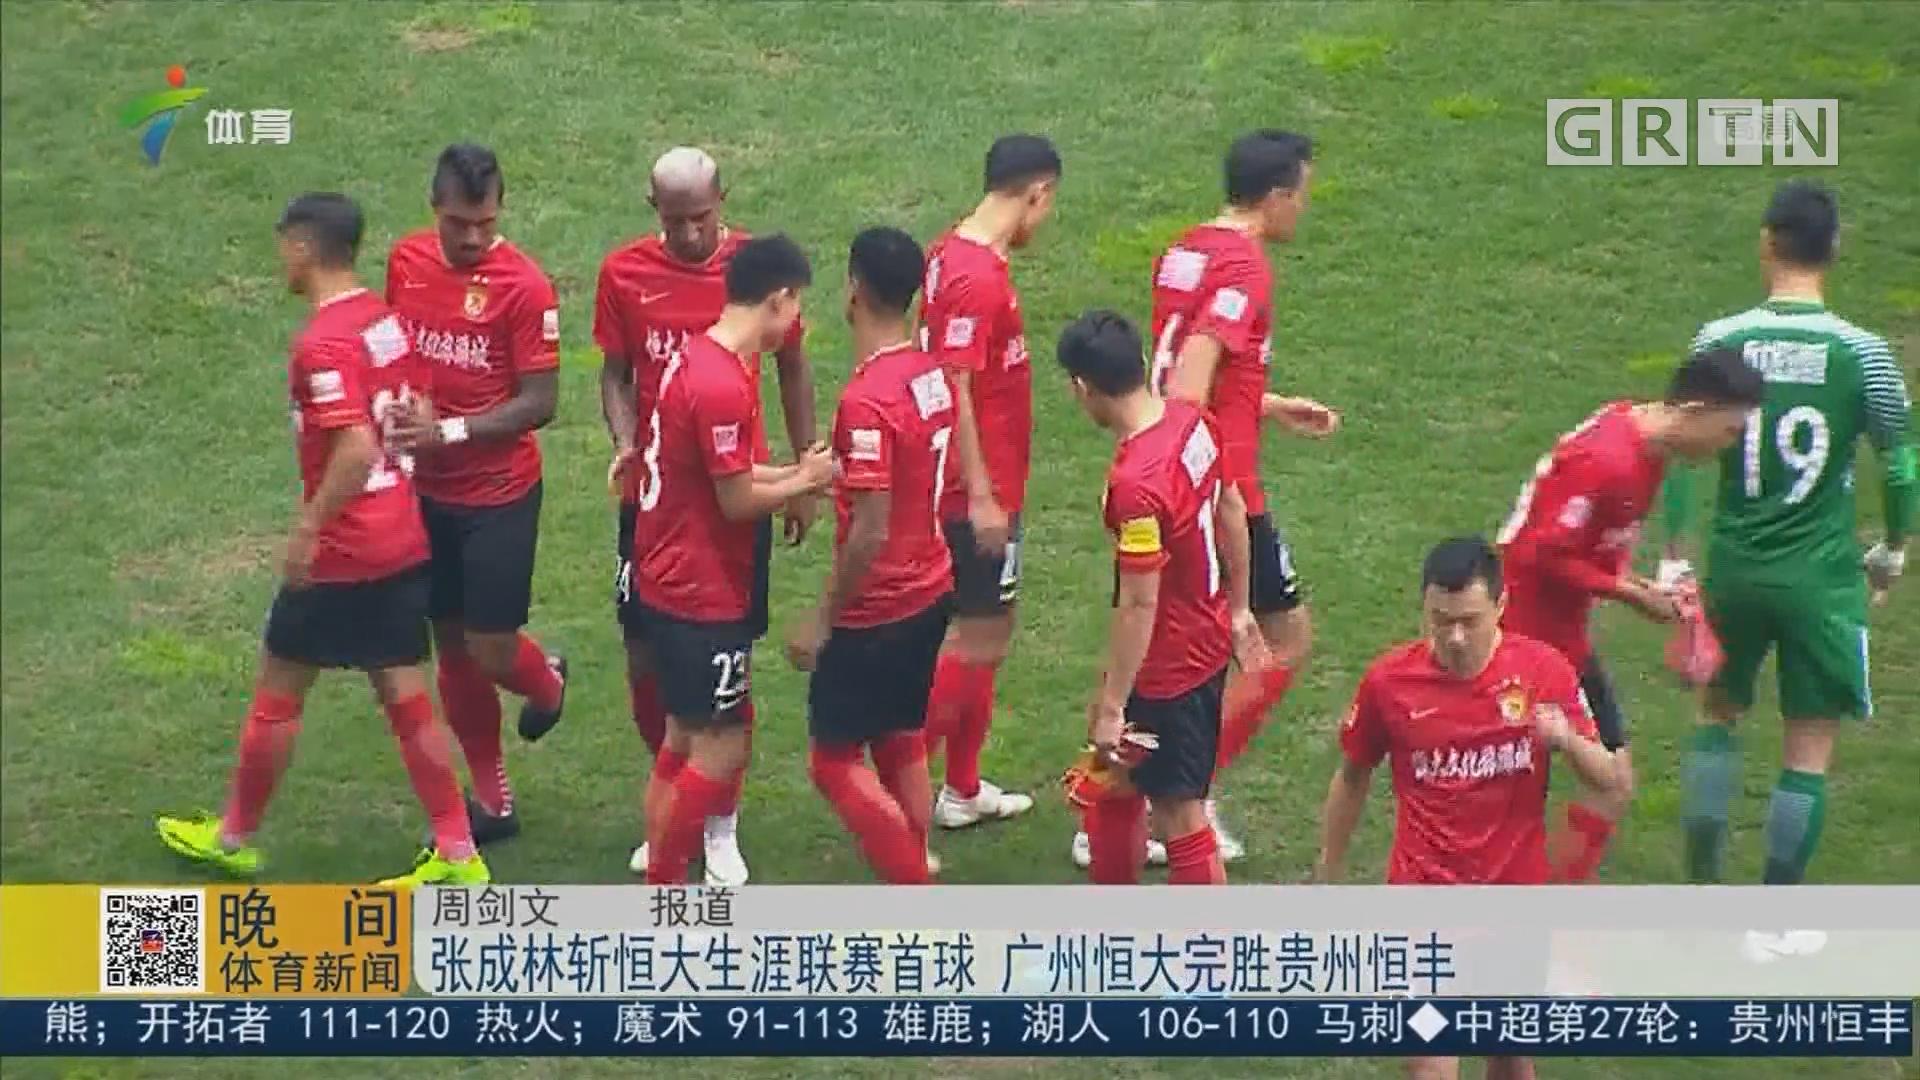 张成林斩恒大生涯联赛首球 广州恒大完胜贵州恒丰